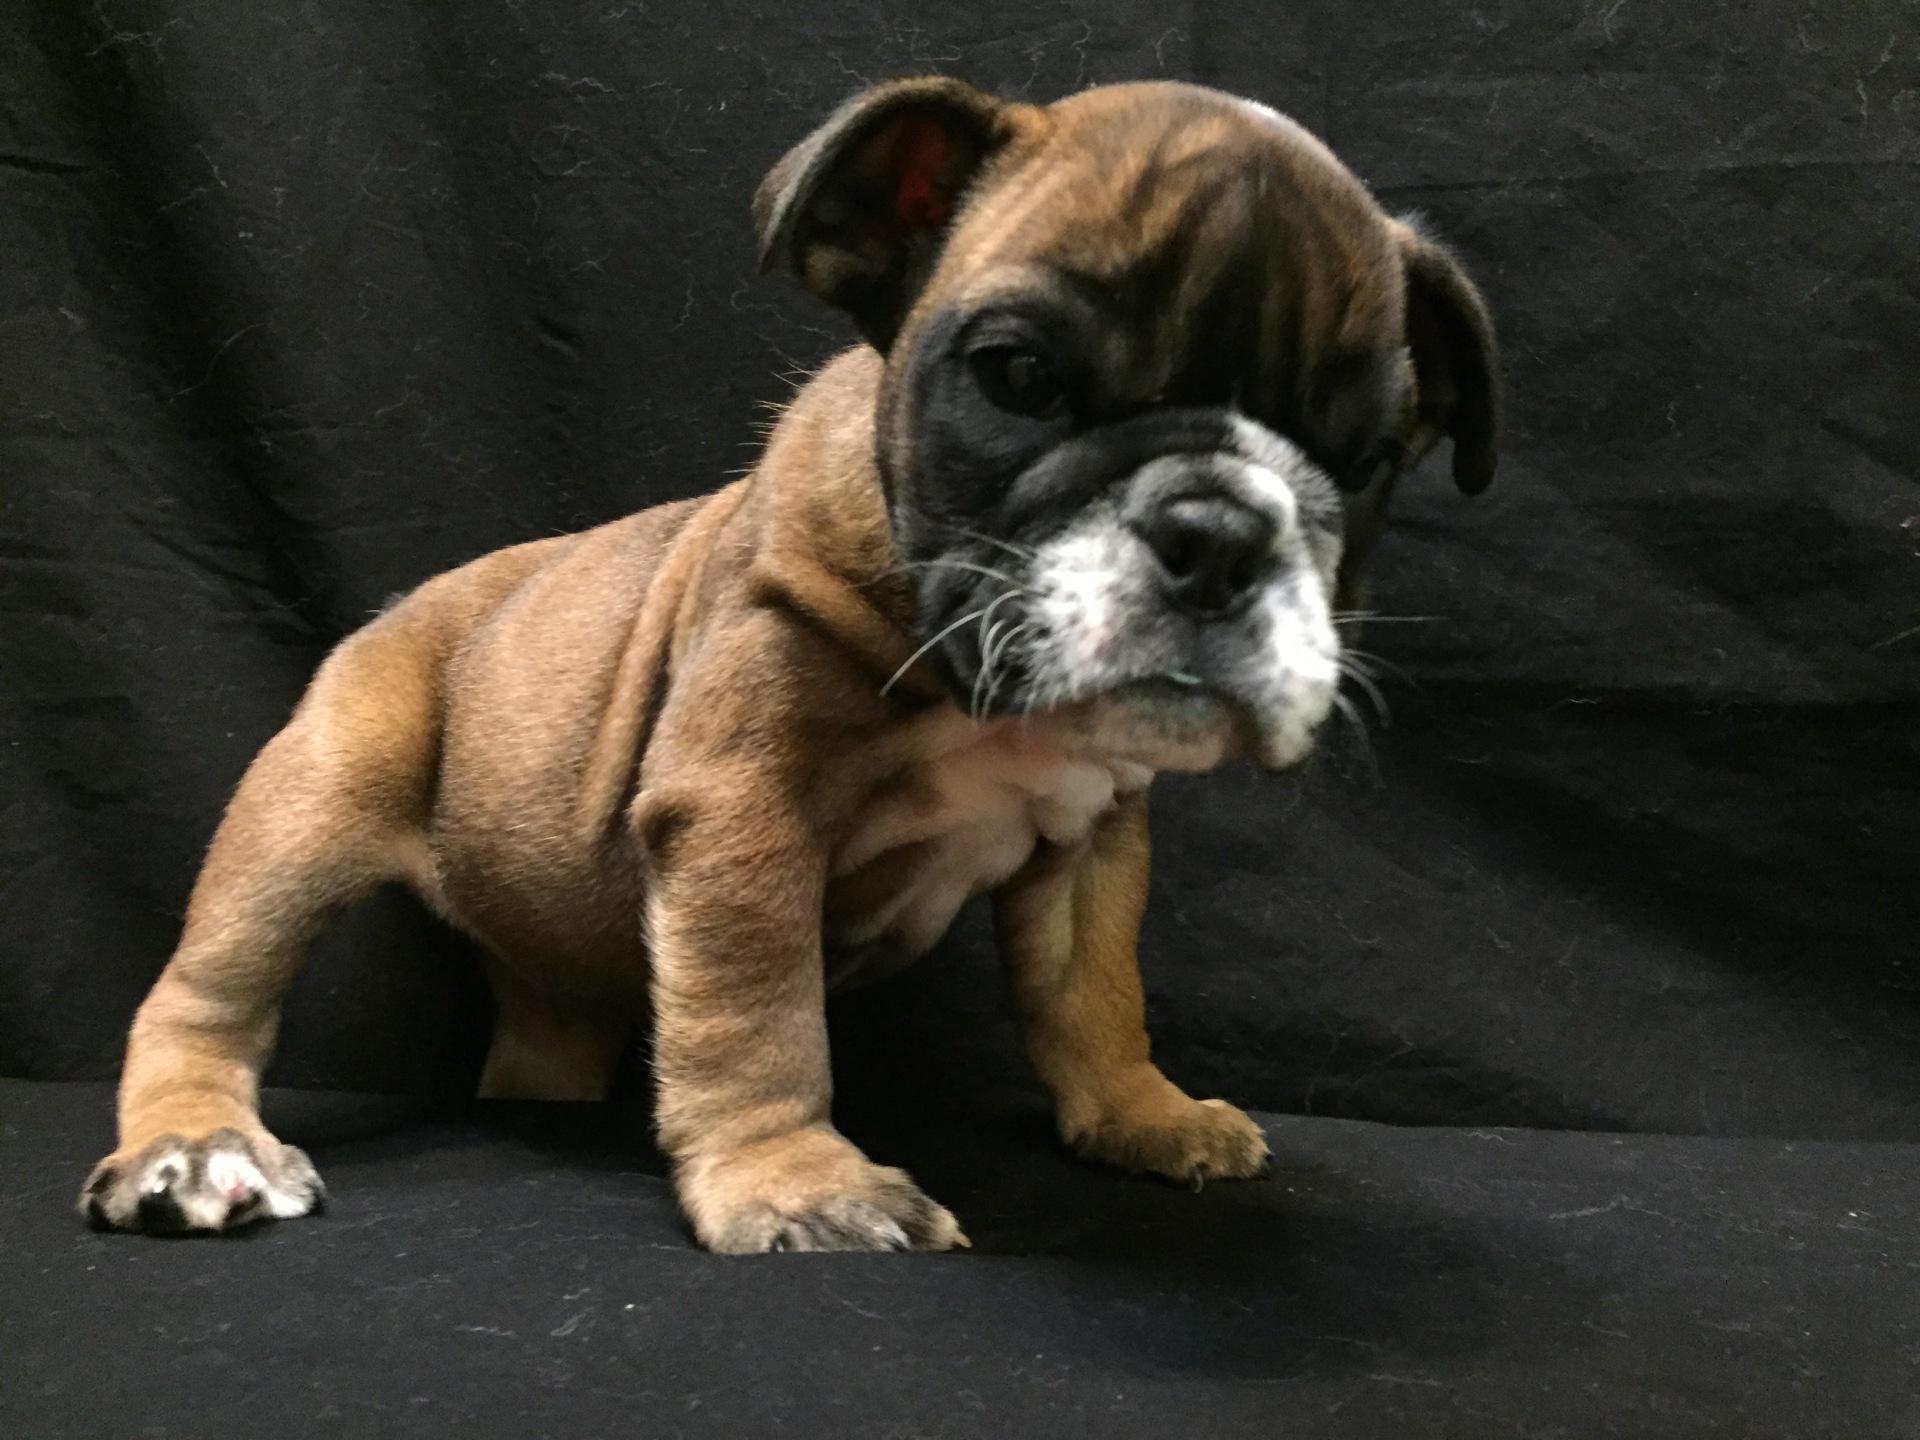 #8609 - Female English Bulldog